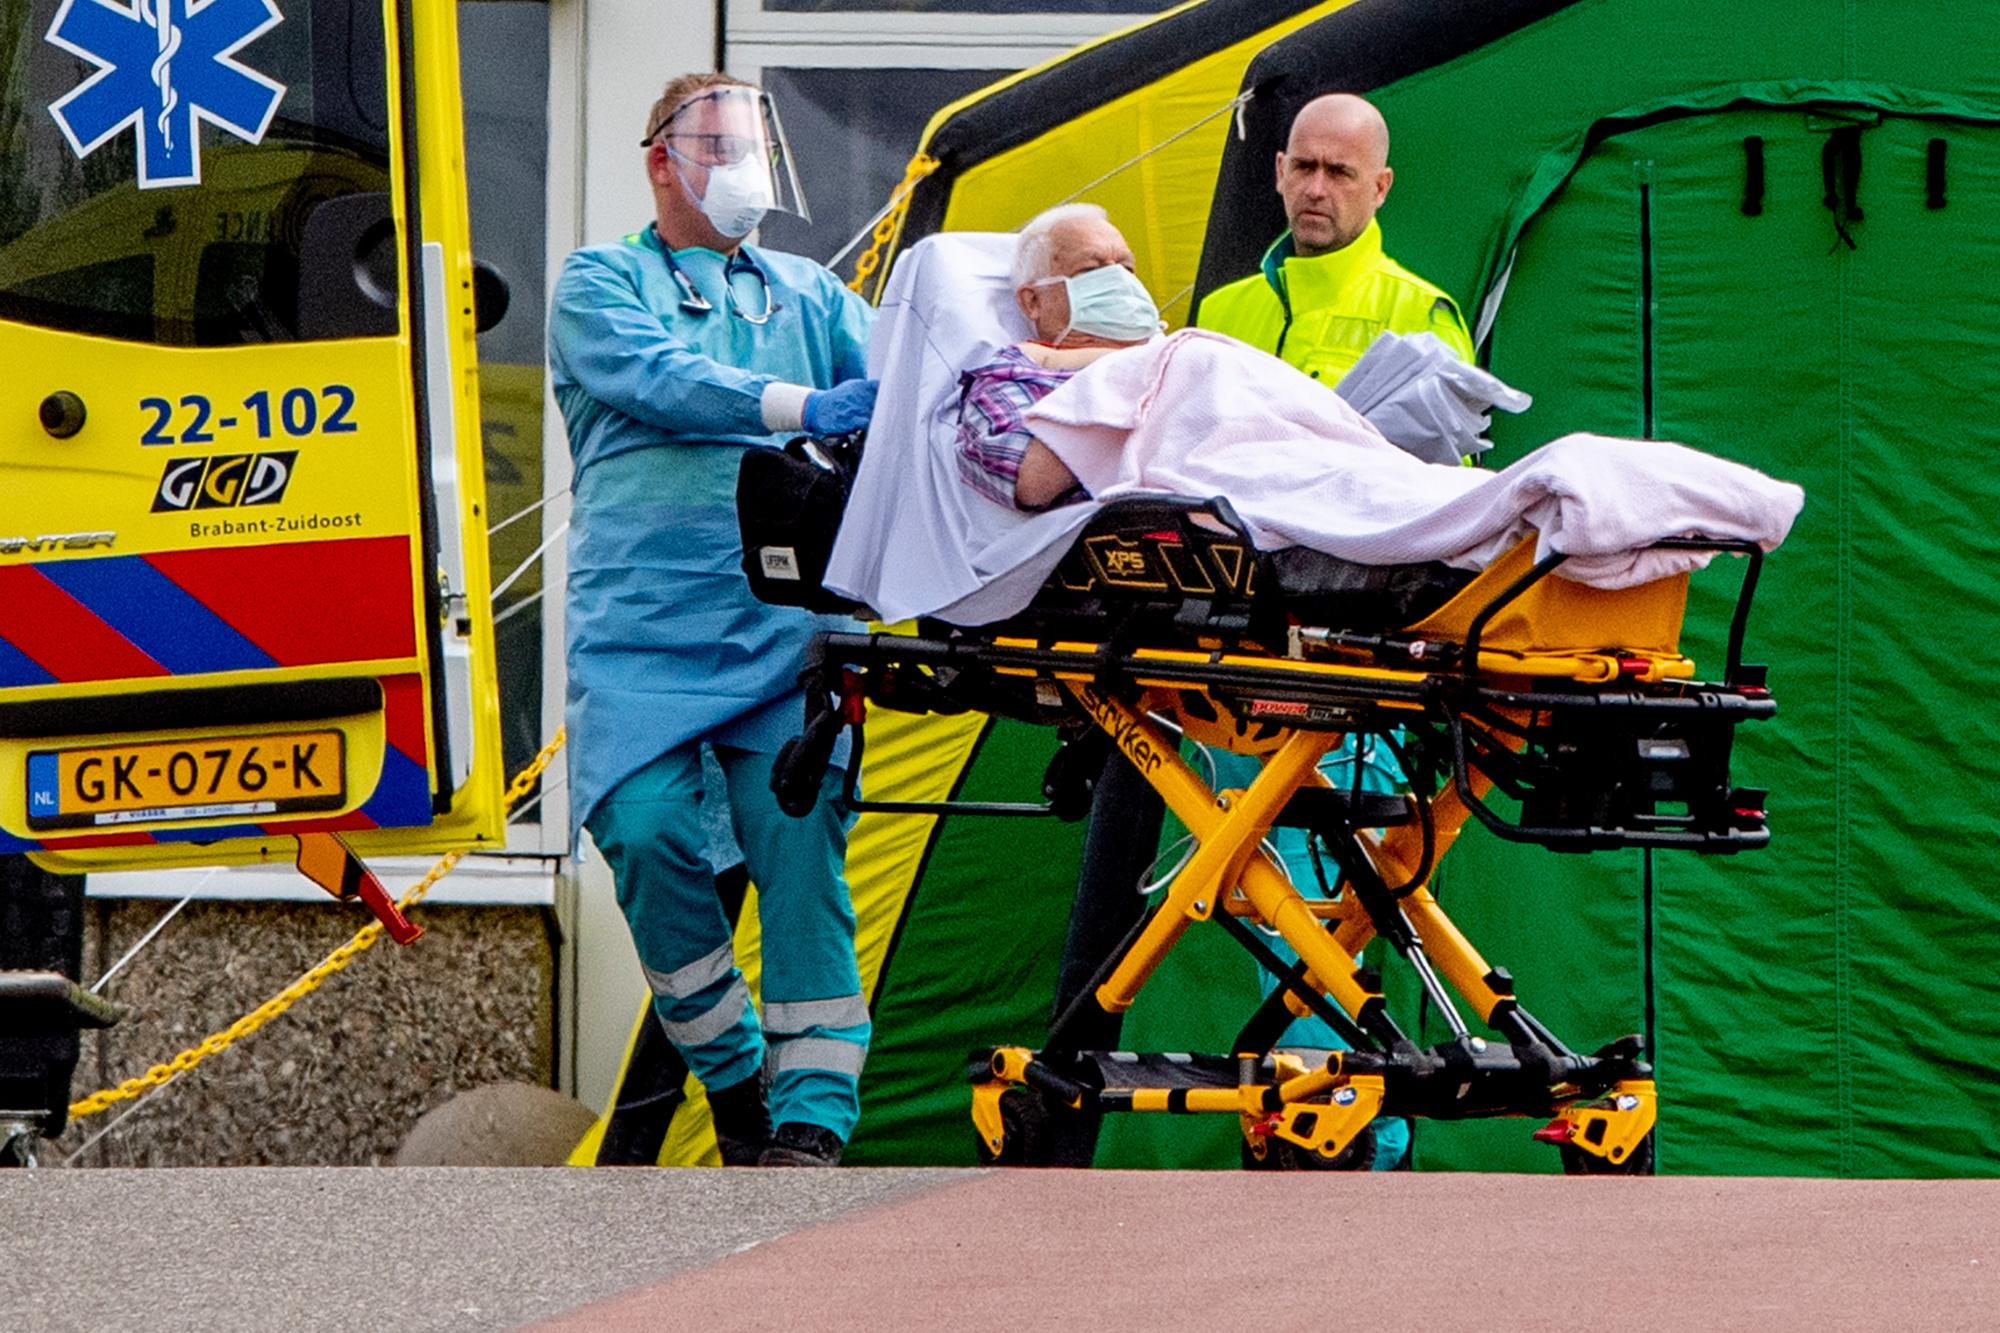 Coronapatiënten worden verplaatst bij het Catharina Ziekenhuis in Eindhoven bij een triagetent., belga